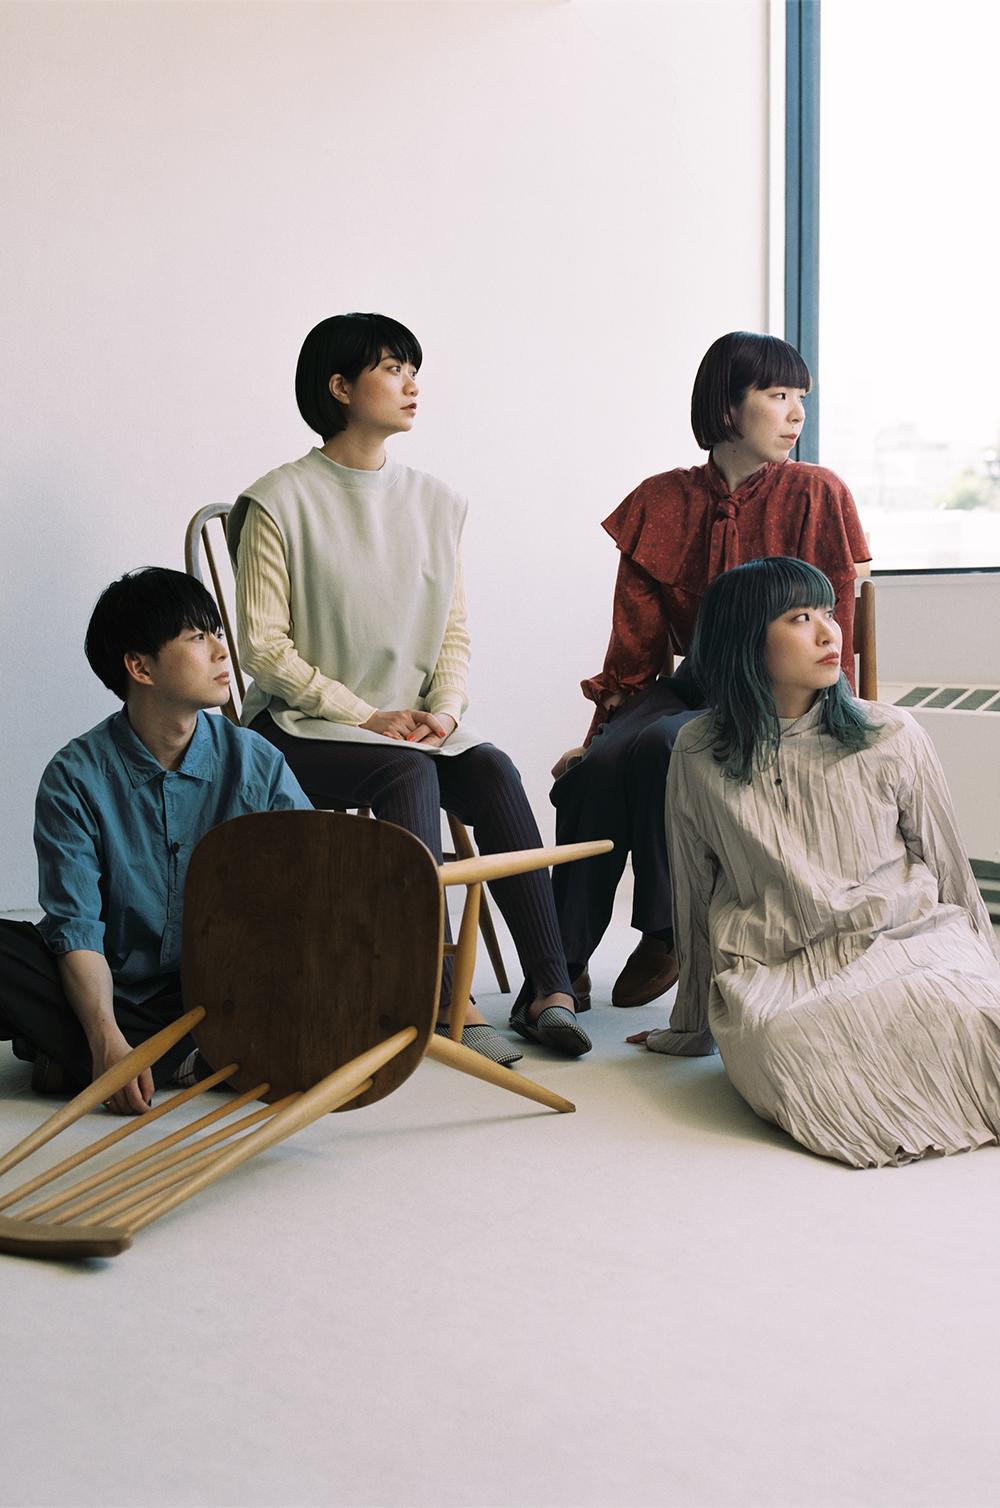 写真左から、福富優樹さん(Gt.)、畳野彩加さん(Vo./Gt.)、石田成美さん(Dr./Cho) 、福田穂那美さん(Ba./Cho)